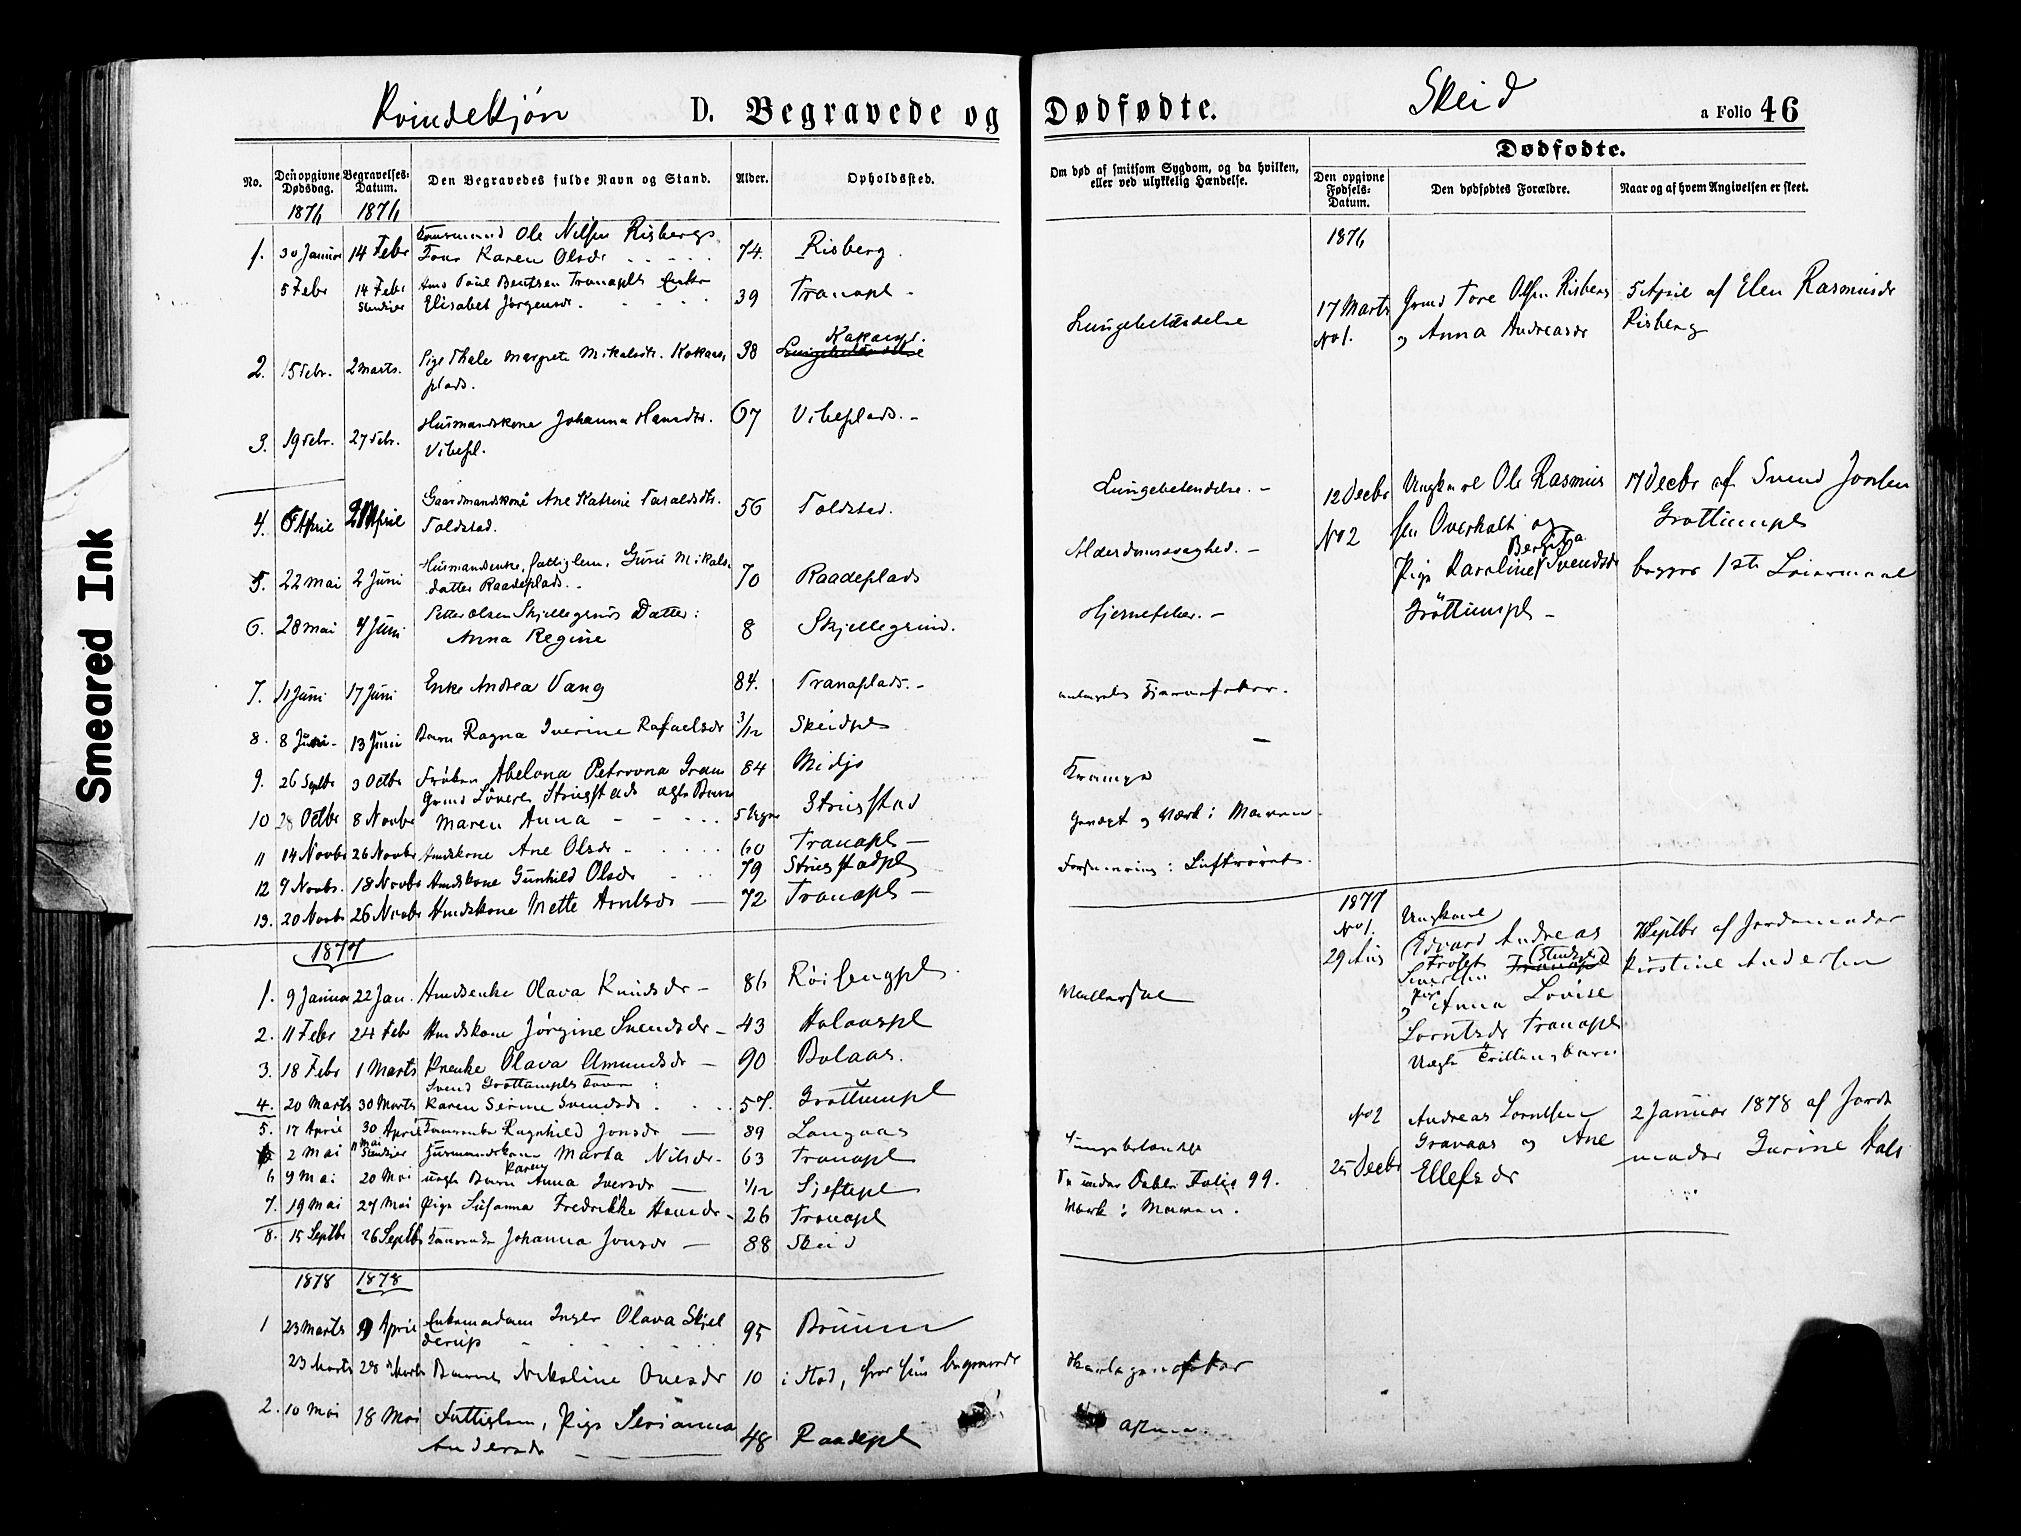 SAT, Ministerialprotokoller, klokkerbøker og fødselsregistre - Nord-Trøndelag, 735/L0348: Ministerialbok nr. 735A09 /2, 1873-1883, s. 46